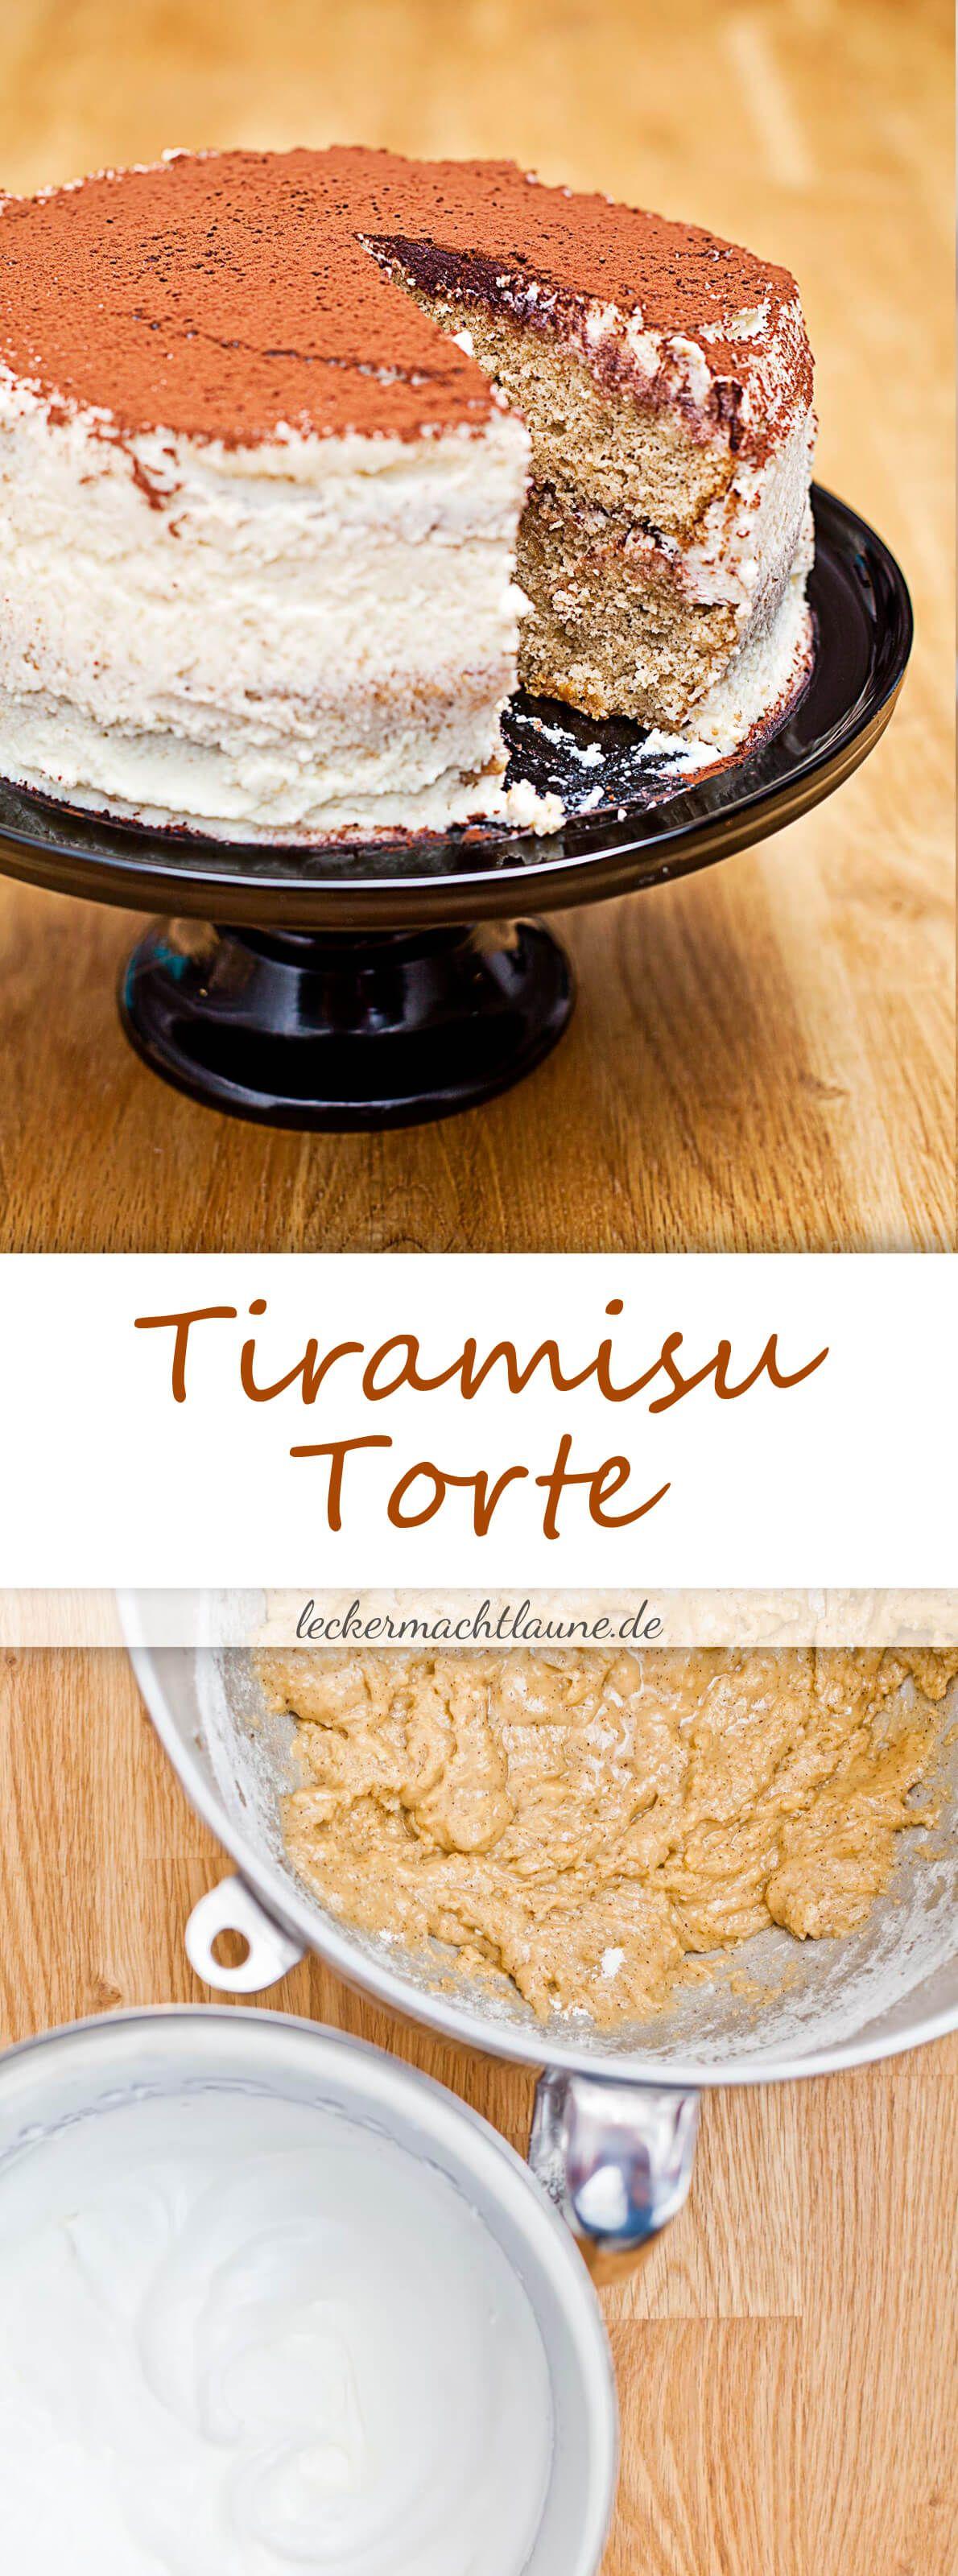 tiramisu torte la melissa forti blogger winter wohlf hl k che tiramisu kuchen torten und. Black Bedroom Furniture Sets. Home Design Ideas